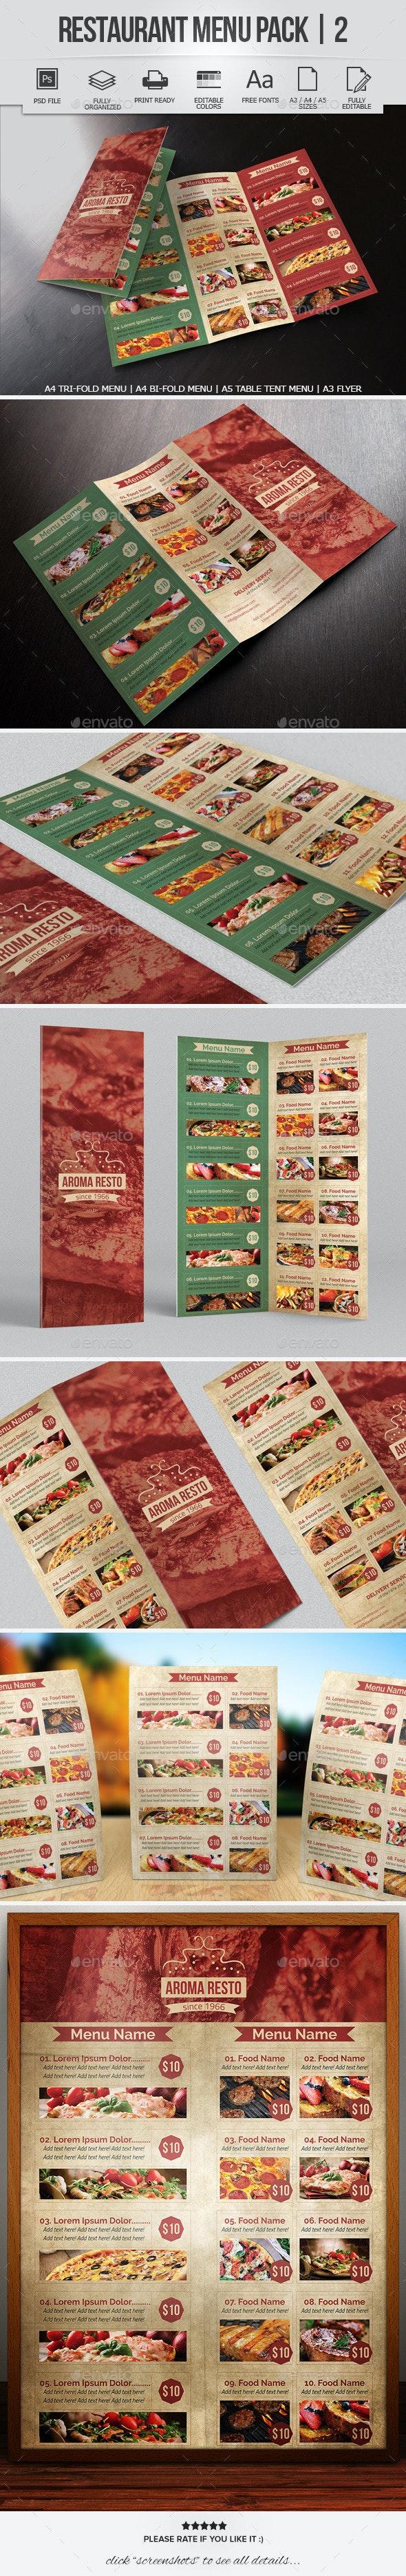 Restaurant Menu Pack 2 - Food Menus Print Templates